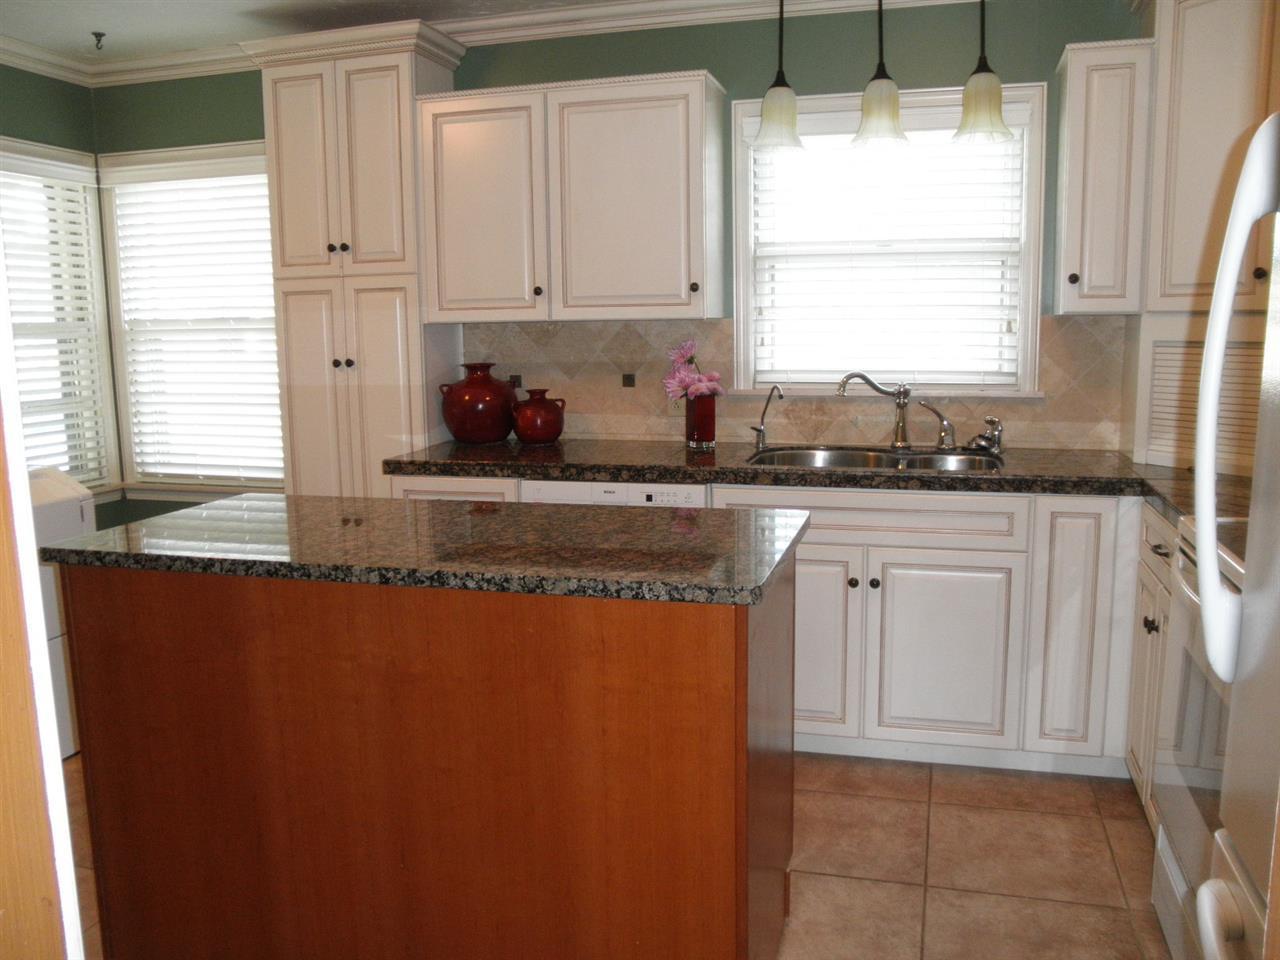 Sold Cross Sale W/ MLS | 1227 S Main  Blackwell, OK 74631 9